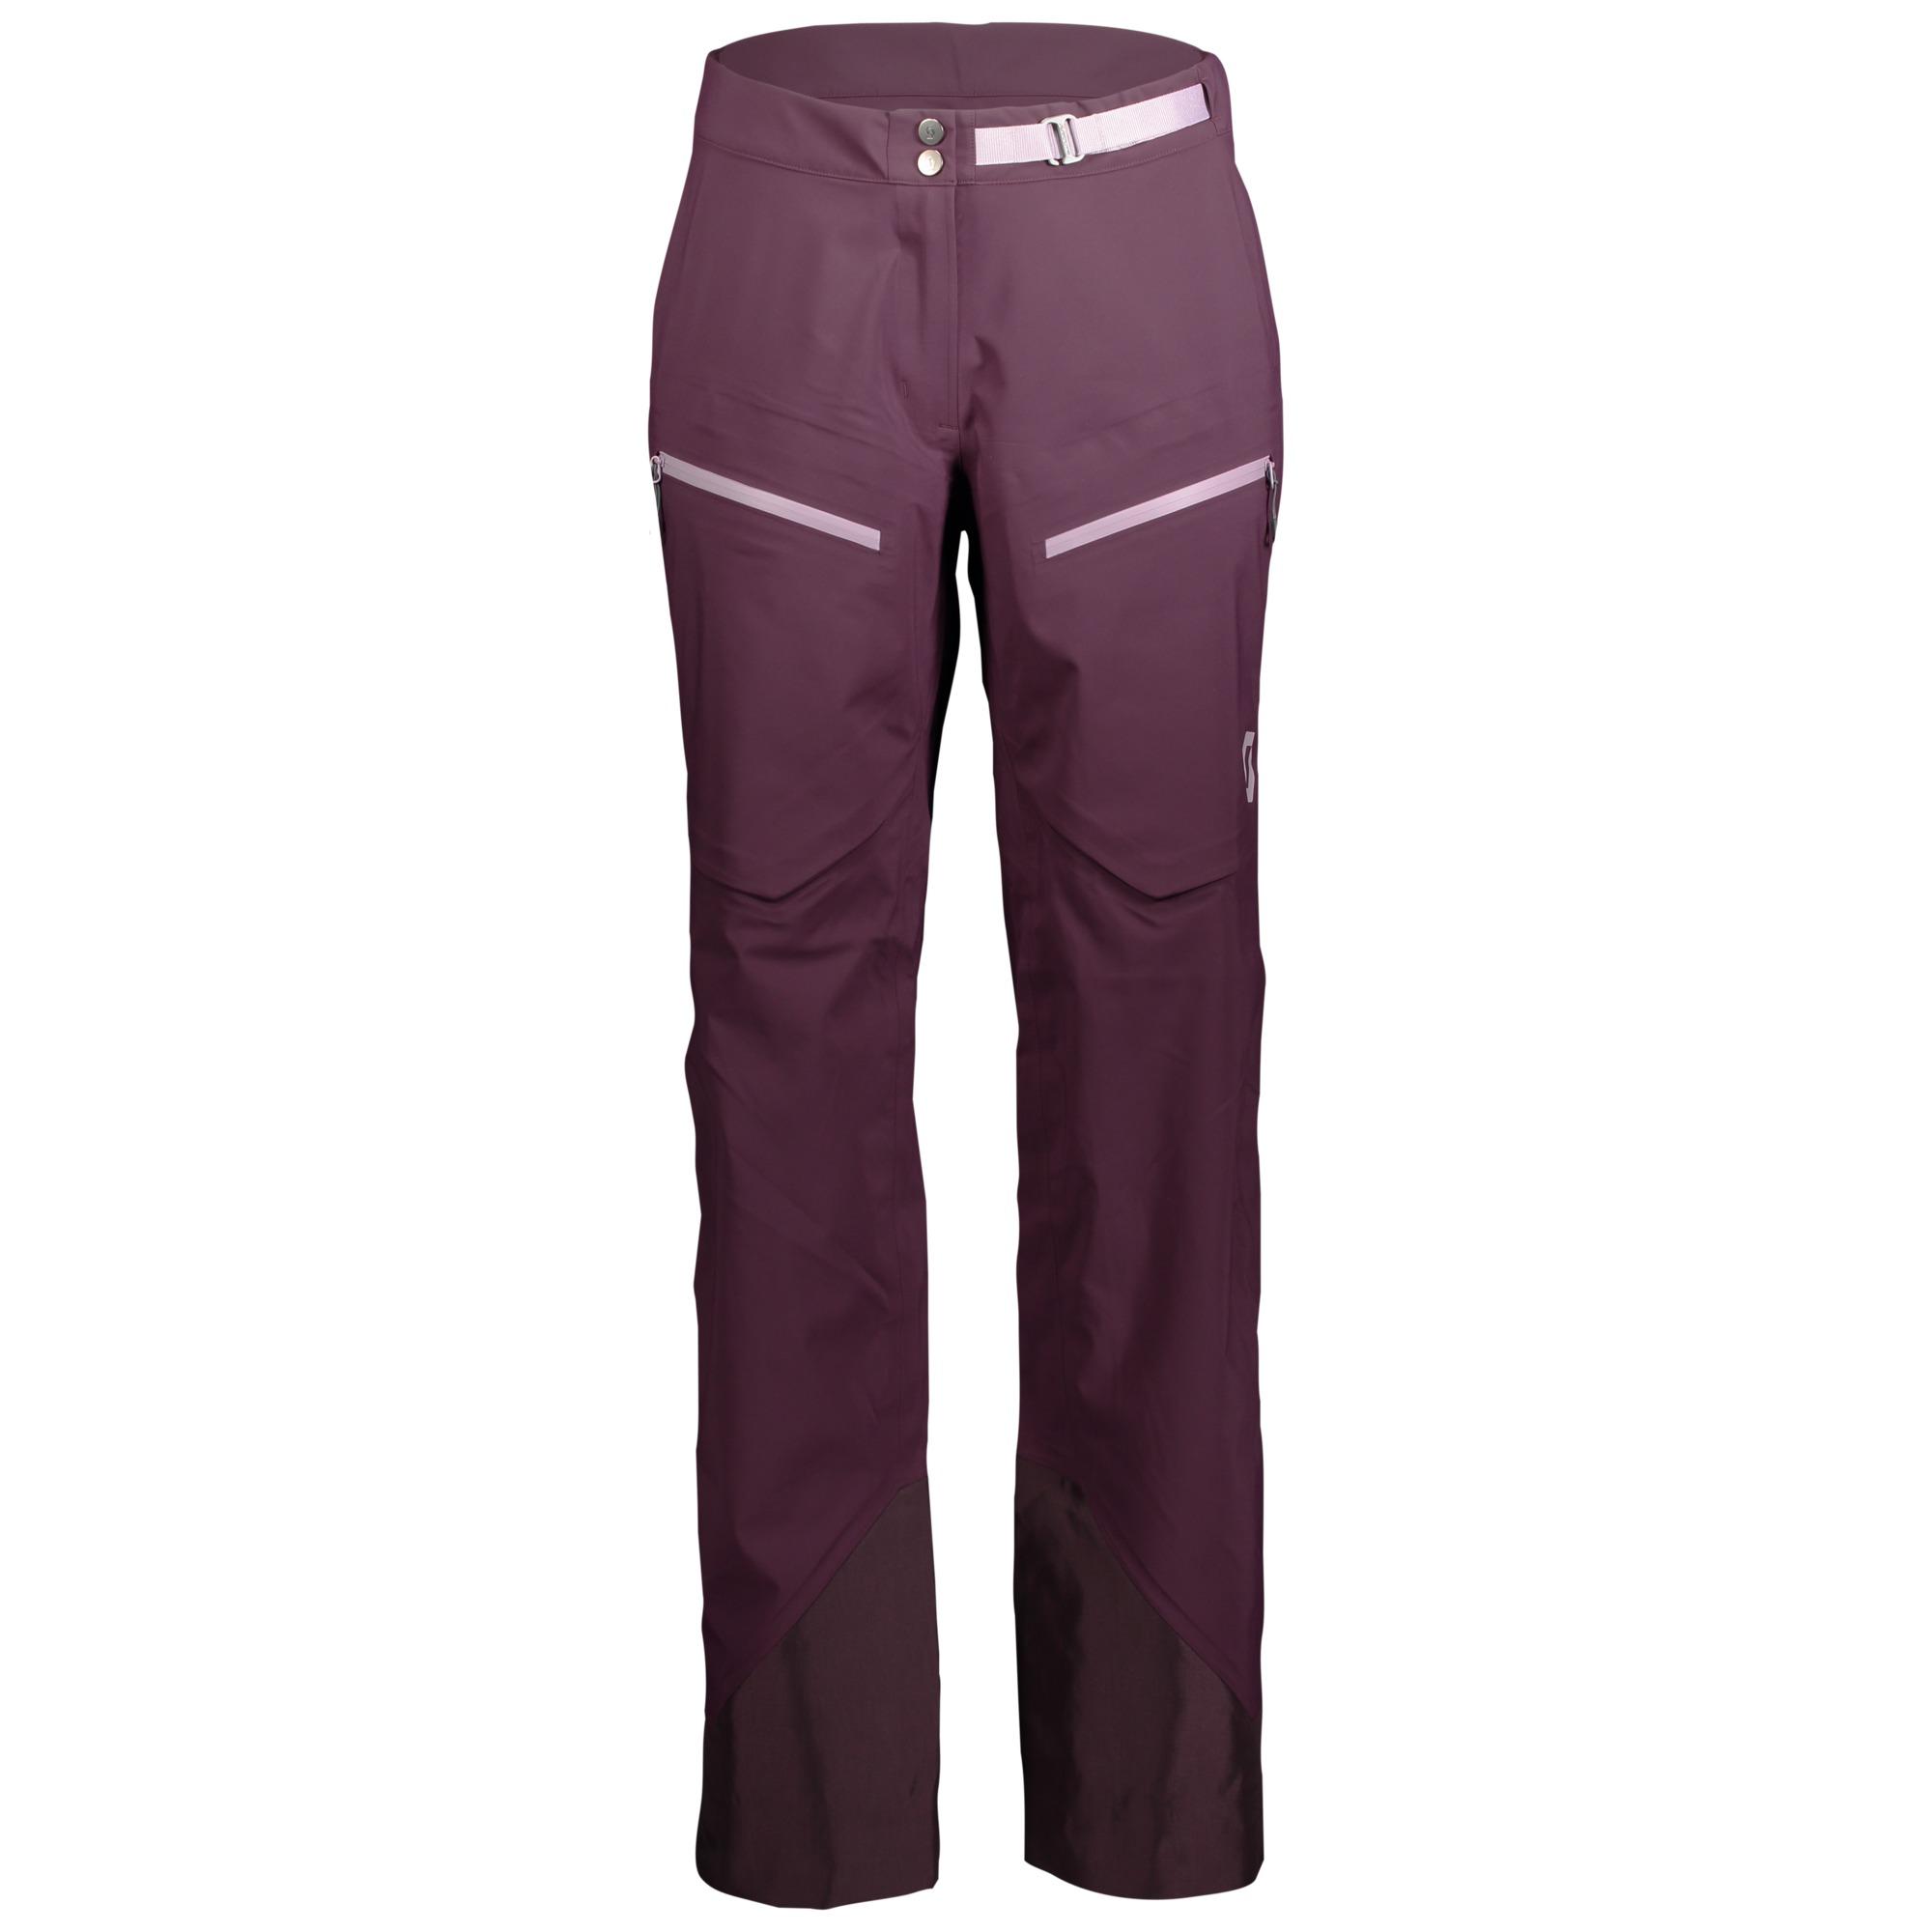 Scott Line Chaser 3L - Pantalon ski femme